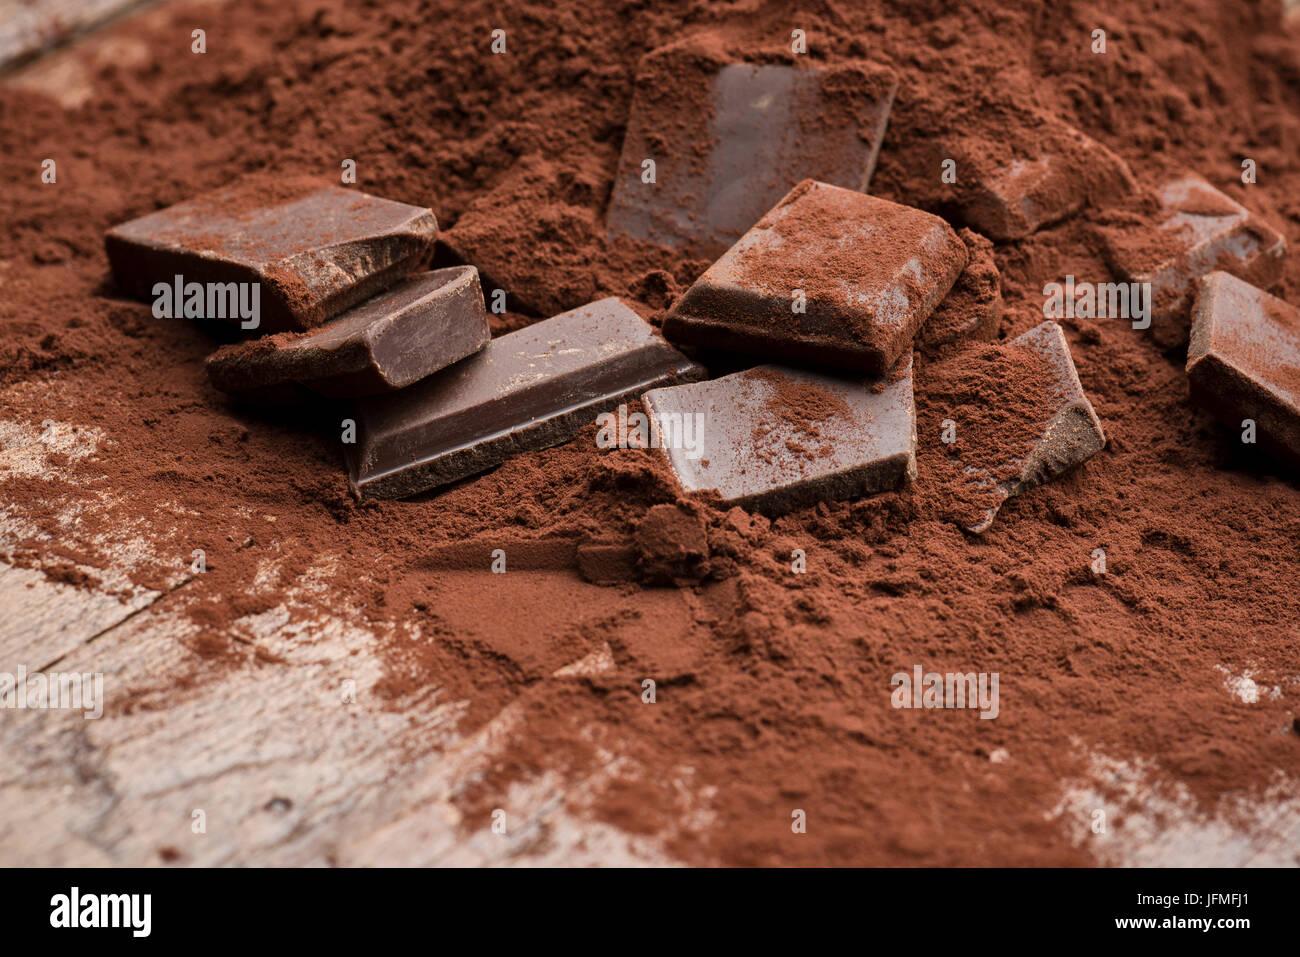 Haufen von Kakaopulver mit Schokolade Block auf Holztisch Stockbild